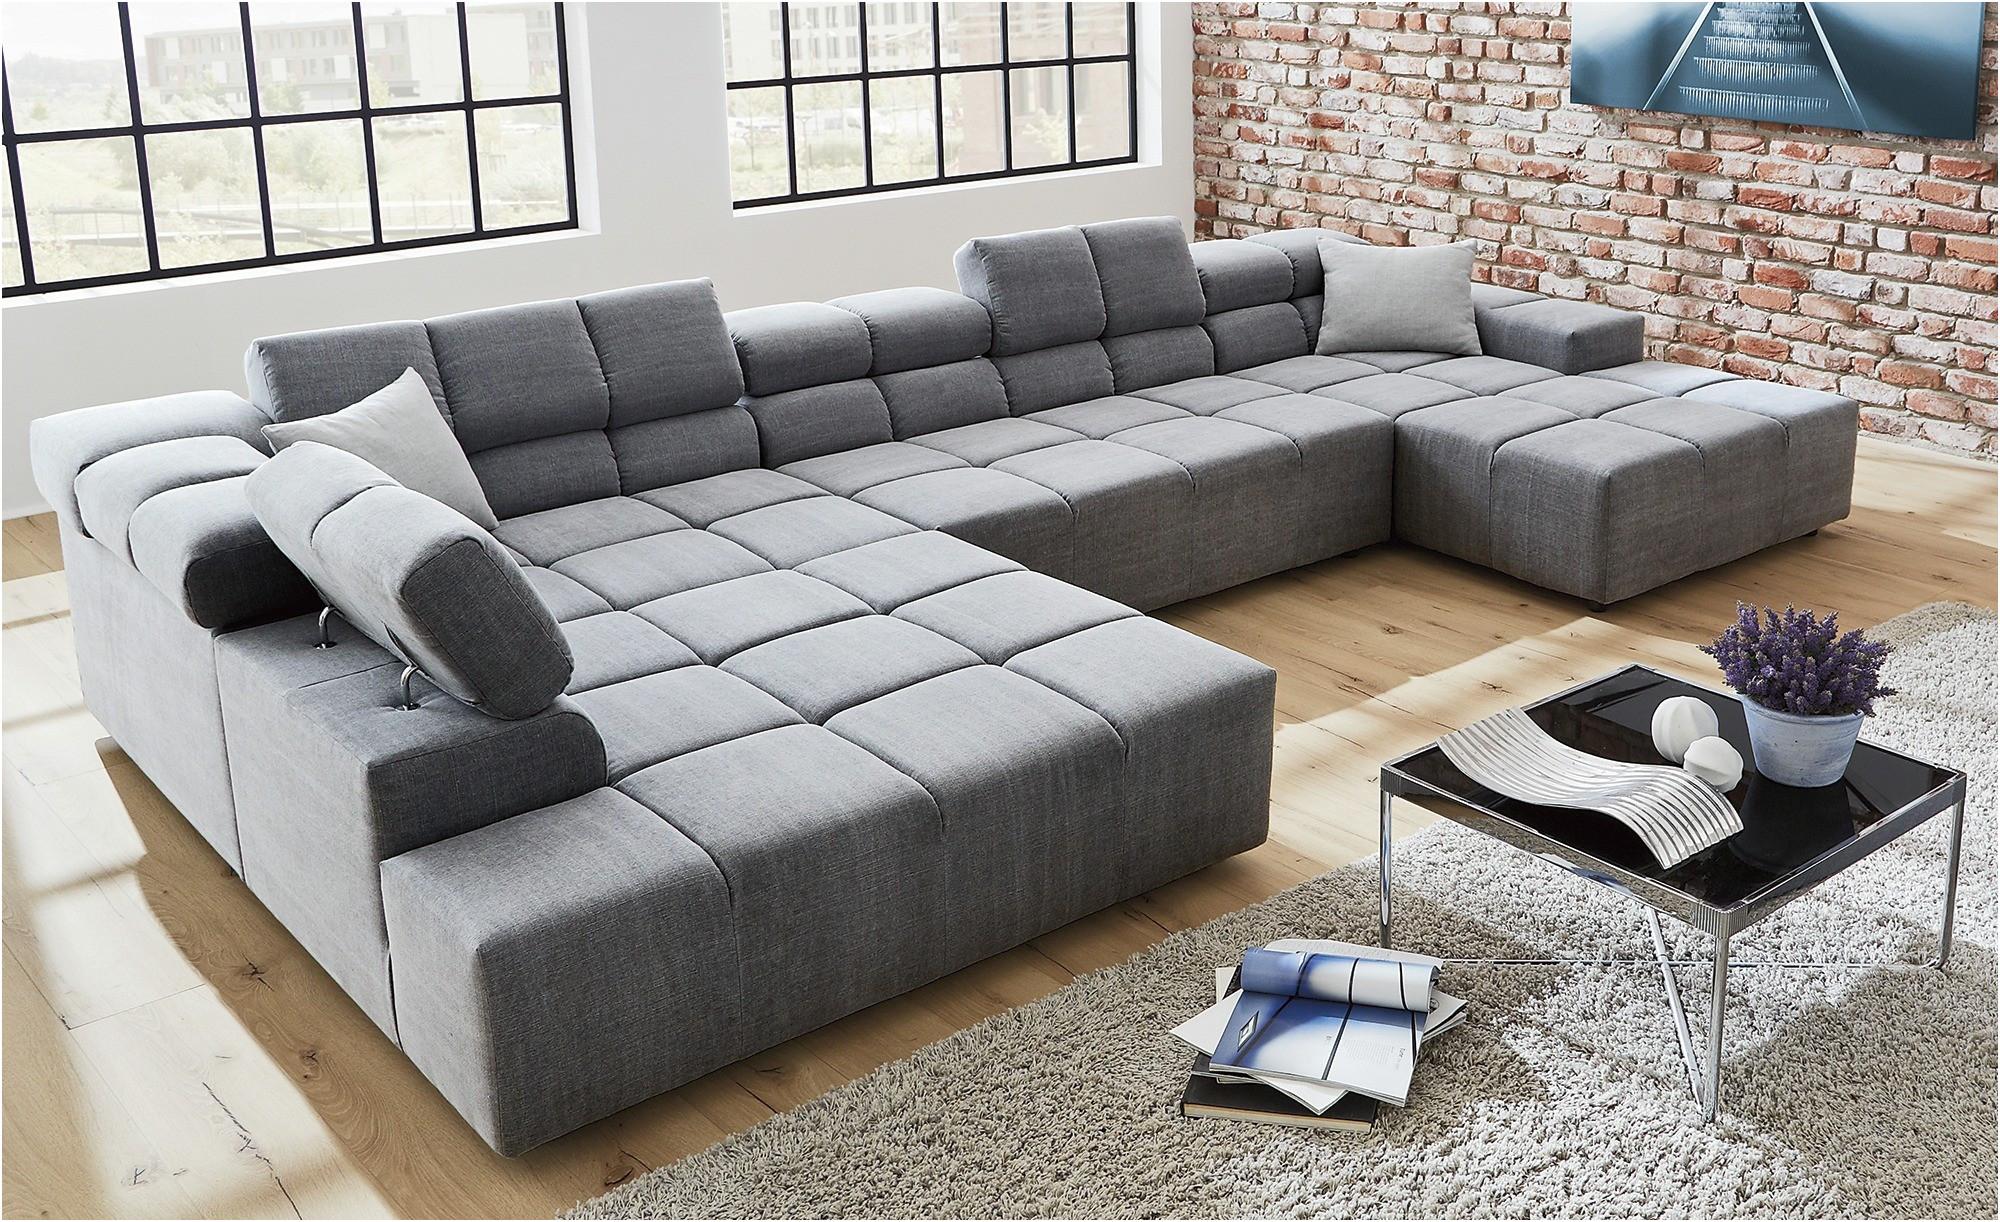 Full Size of Sofa U Form Big Xxl Kolonialstil Couch L Afrika Zuhause überzug Bad Homburg Hotel Handtuchhalter Wohnzimmer Hängeleuchte In Pendelleuchte Bett 90x200 Weiß Sofa Sofa U Form